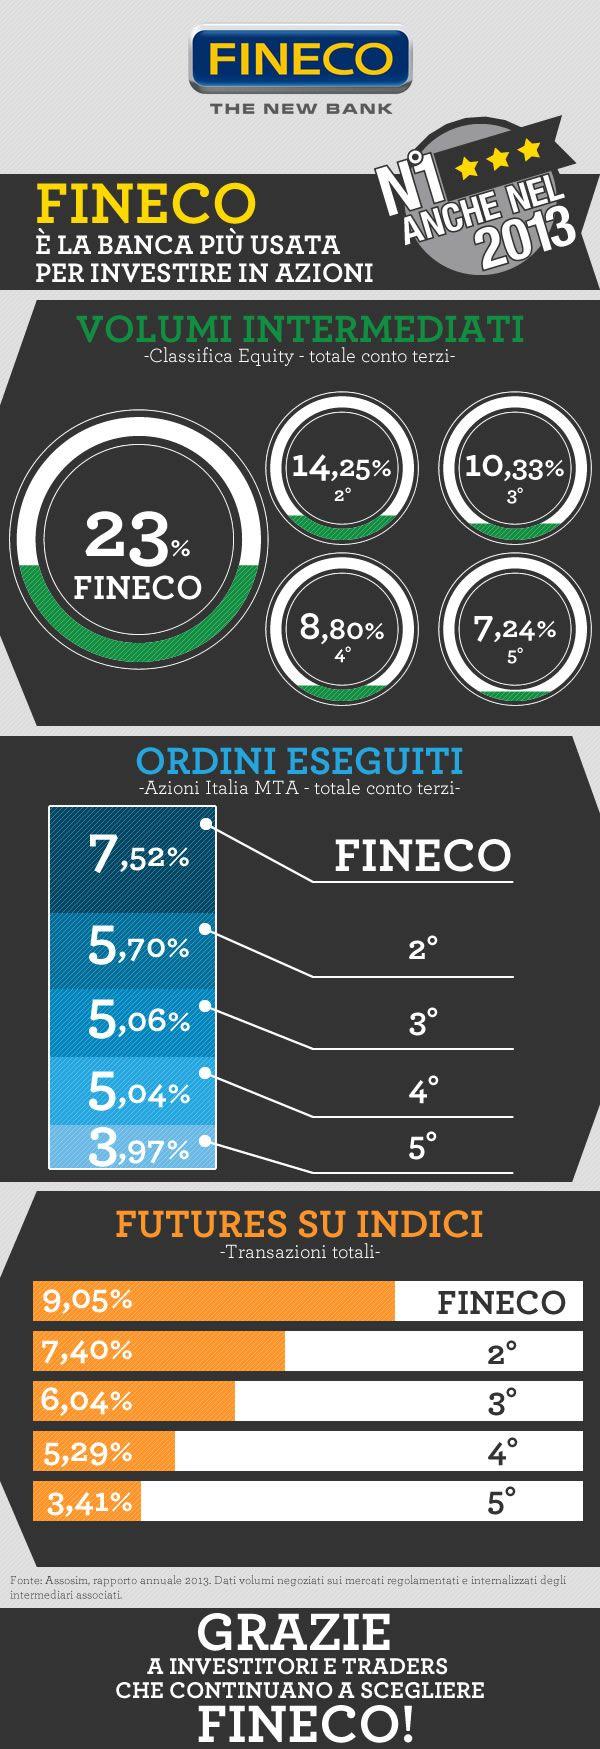 Fineco è leader di mercato.